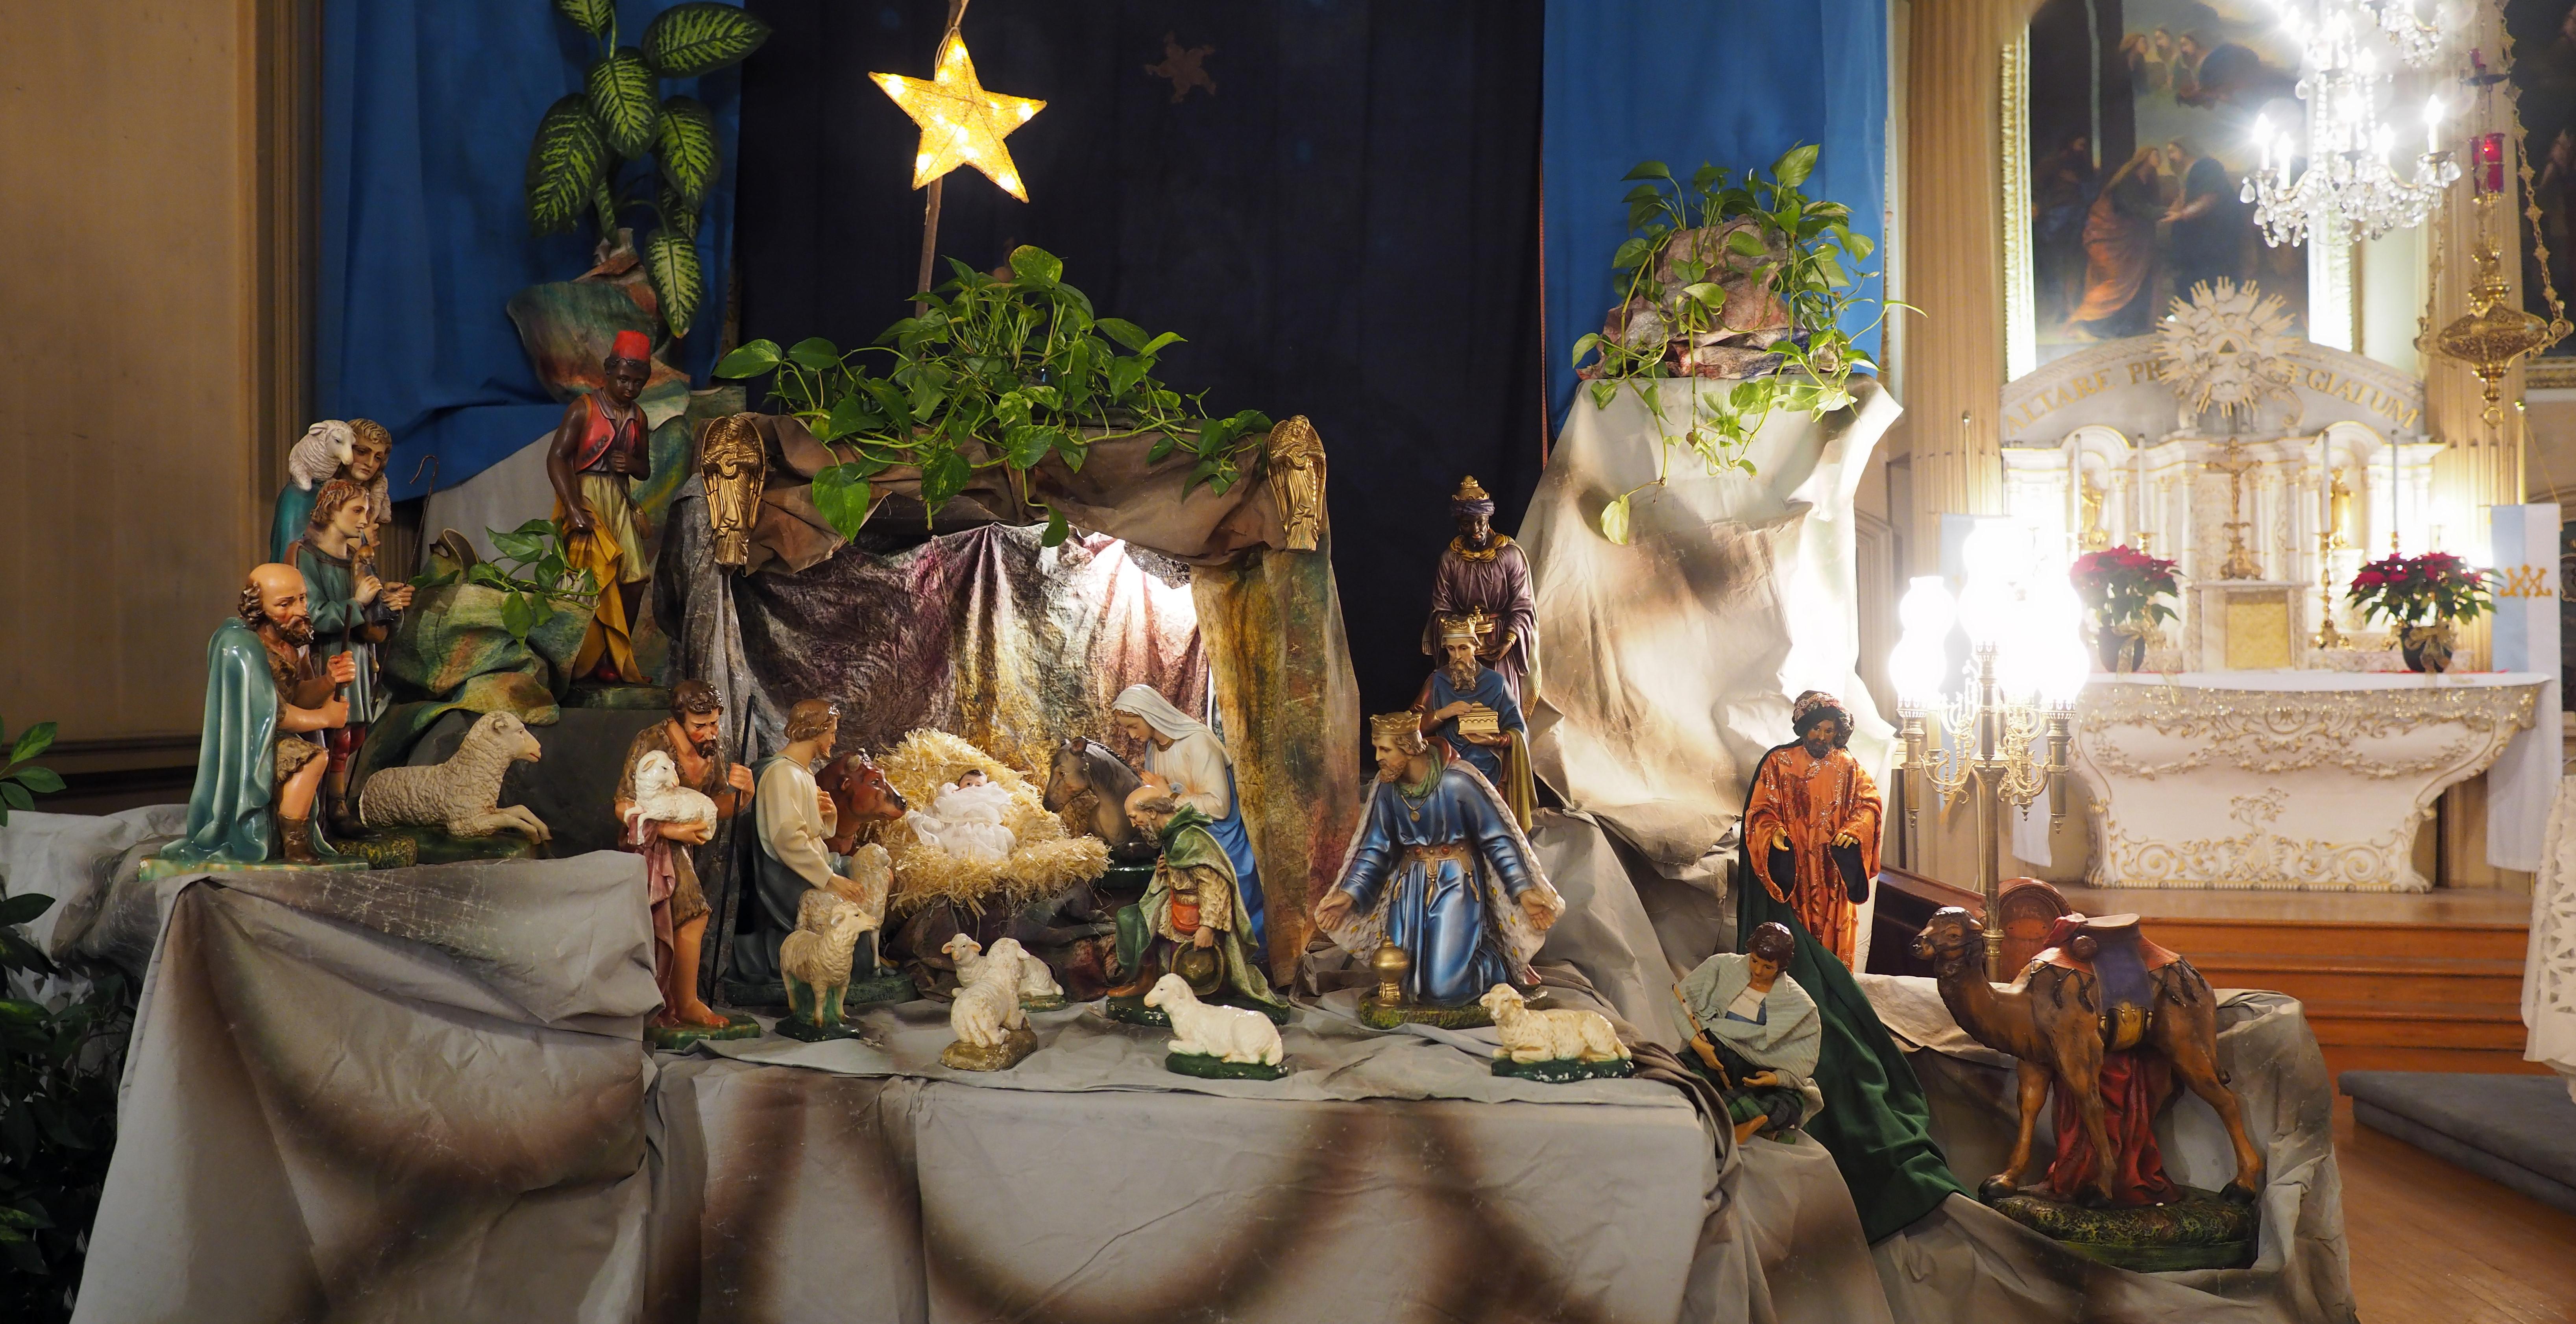 Fichier:Crèche de Noël, église de la Visitation. — Wikipédia